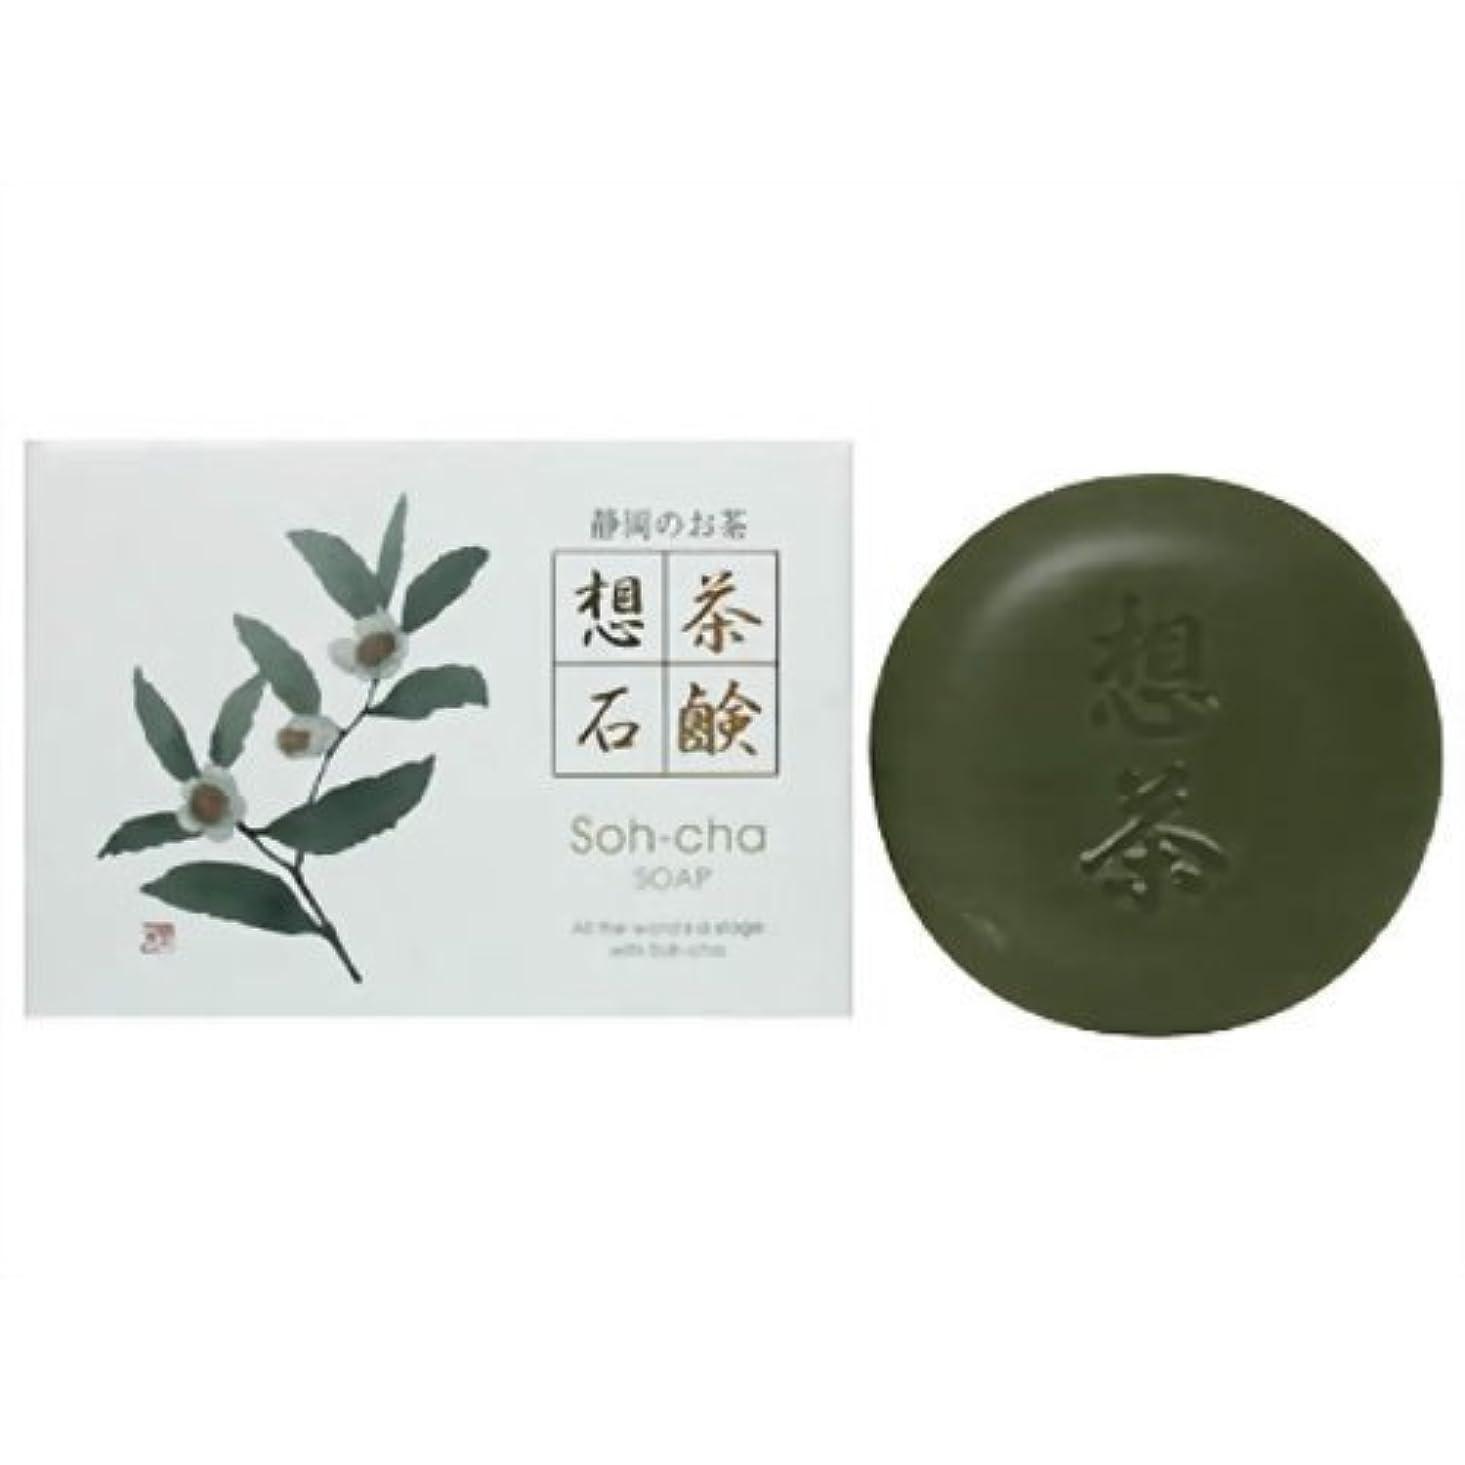 リーガンボンド南アメリカ静岡茶粉末入 想茶石鹸